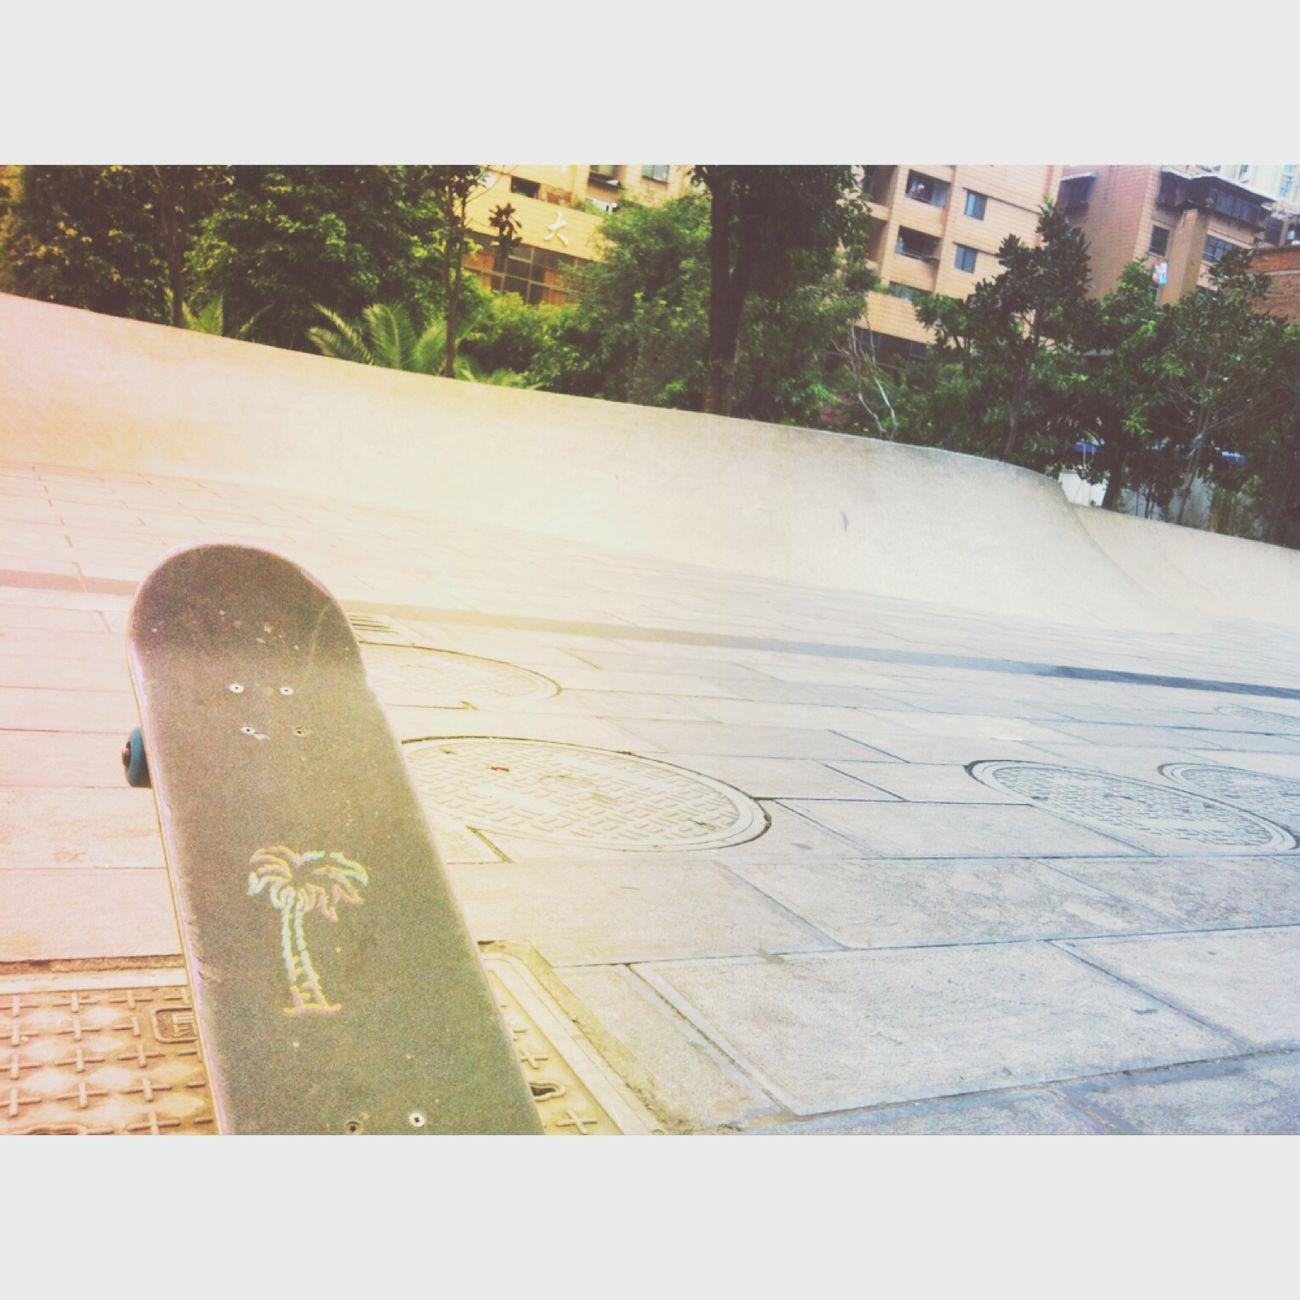 Shumahod Skateboarding